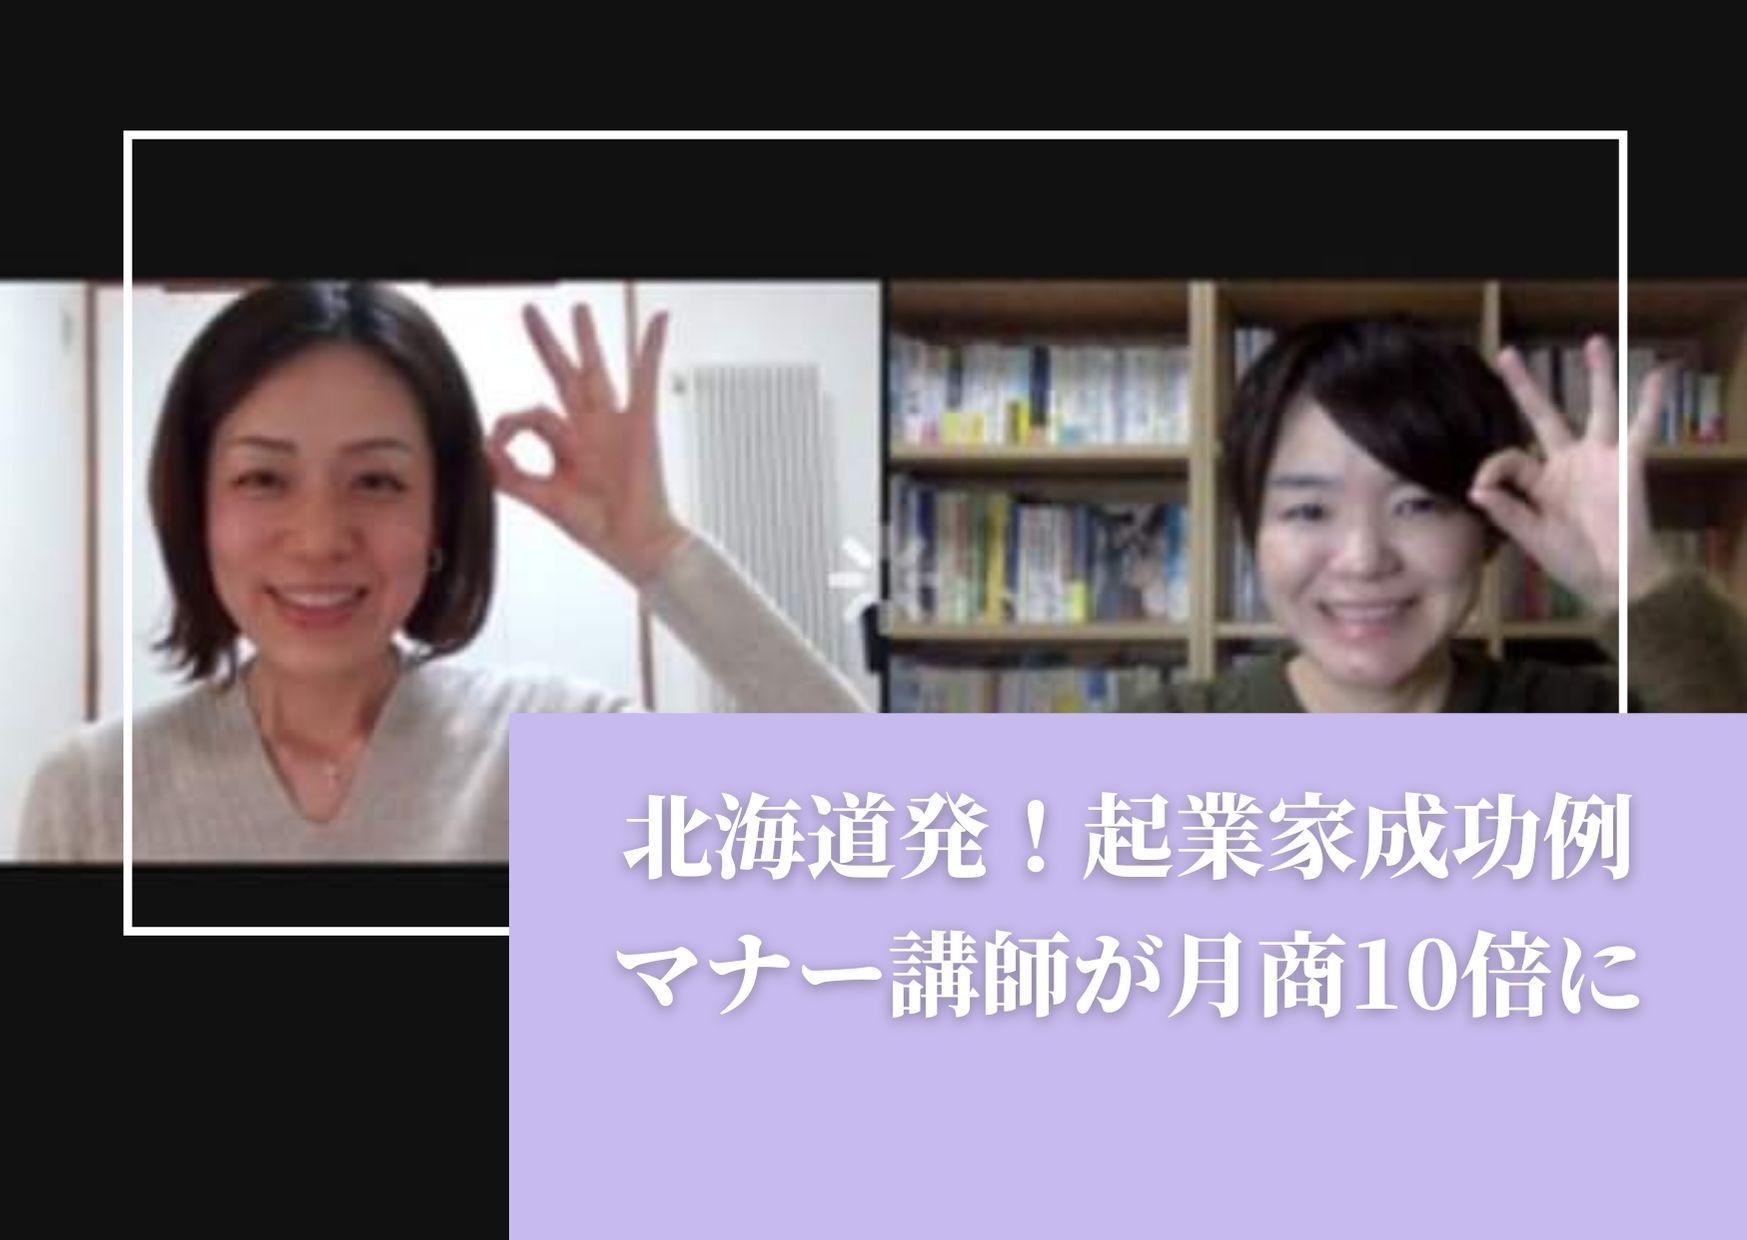 北海道発のマナー講師がオンライン講座で成功した女性起業家になった事例